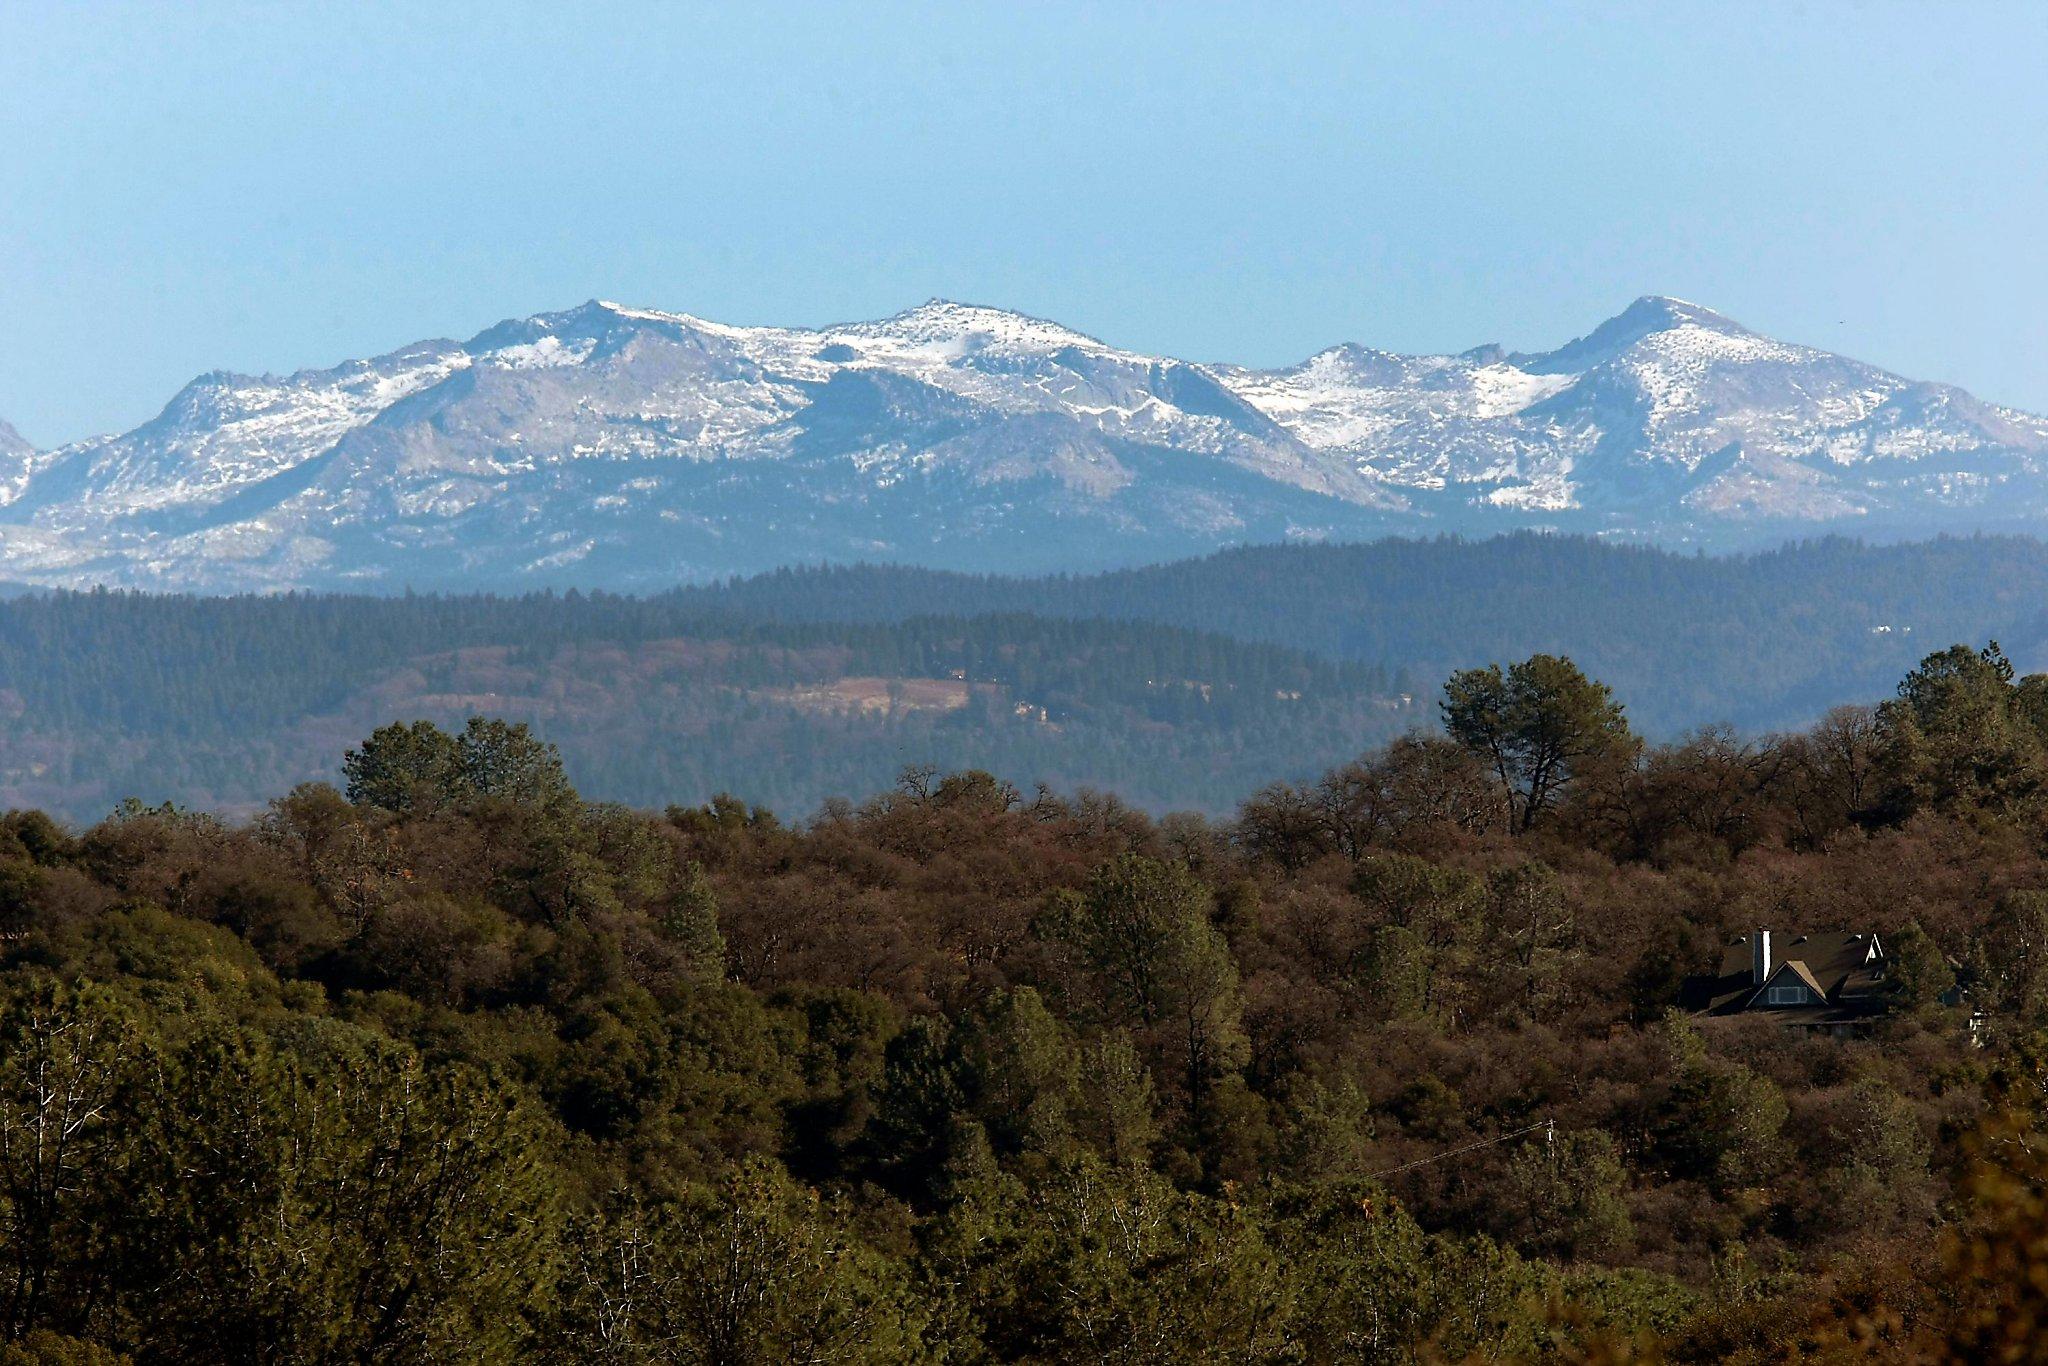 california drought nasa - photo #32